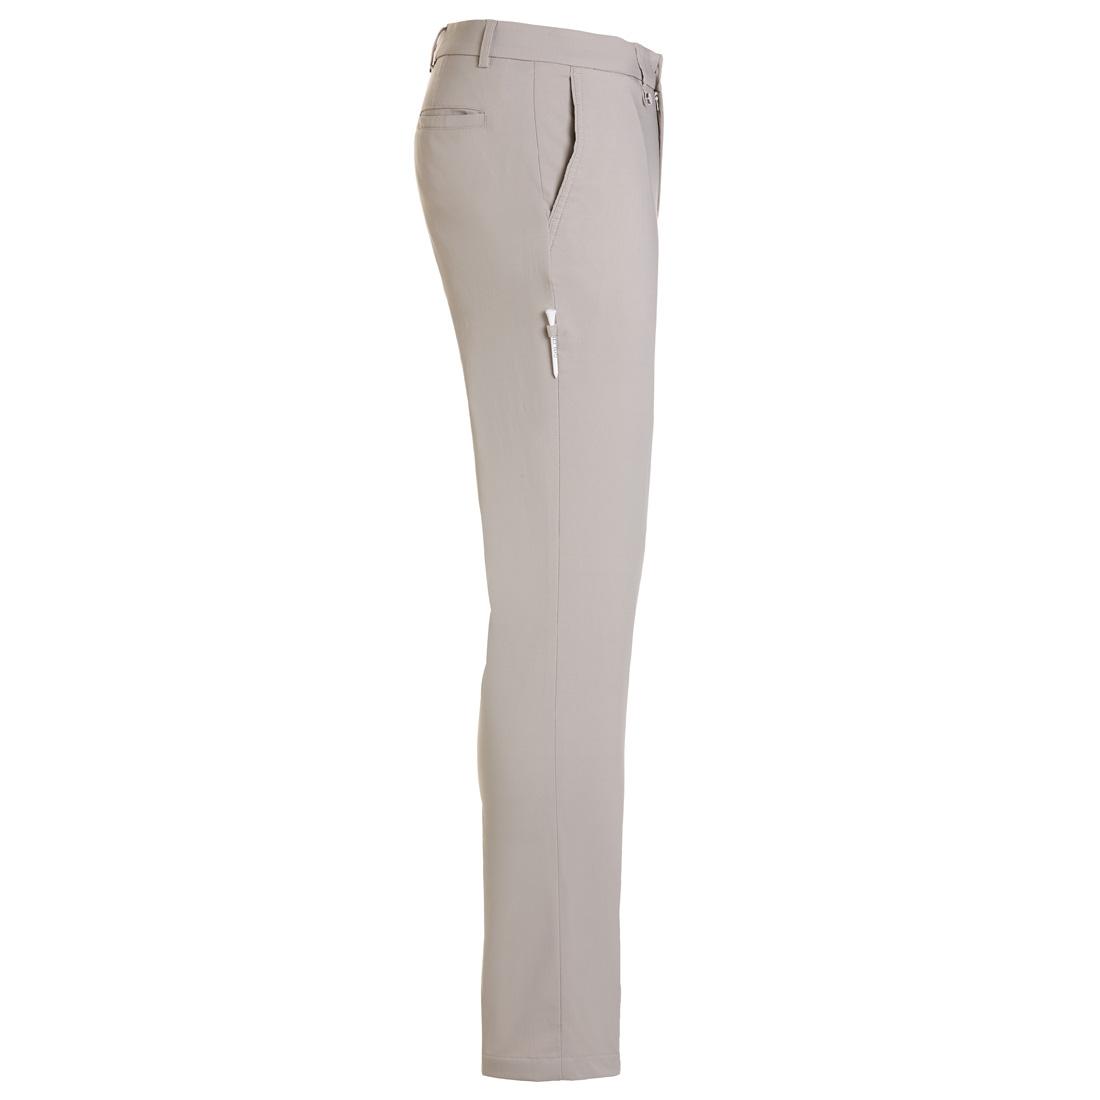 Gebürstete Techno Stretch Hose - schmal geschnitten